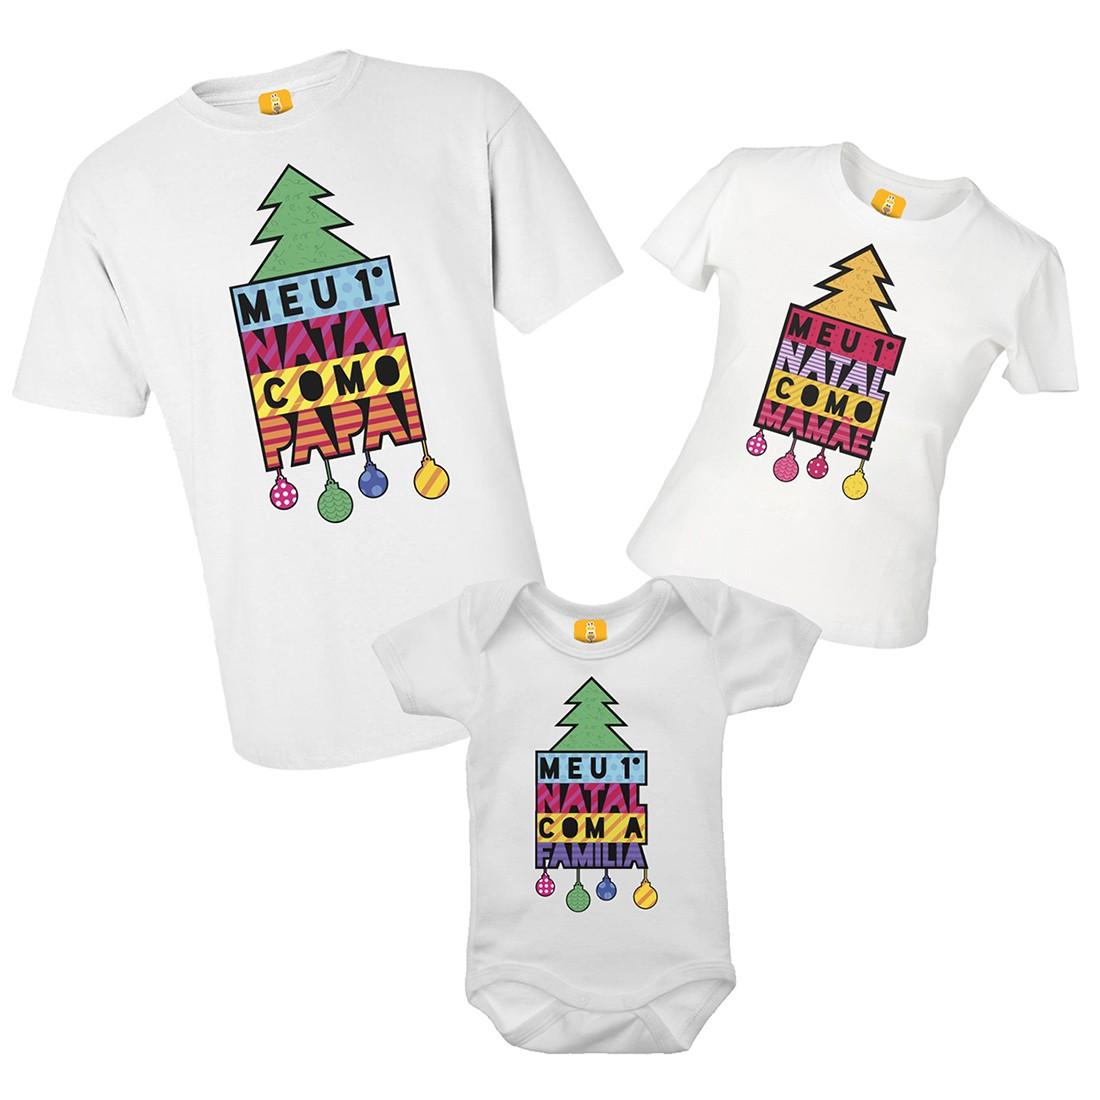 Kit camiseta e body - Meu primeiro natal árvore colorida